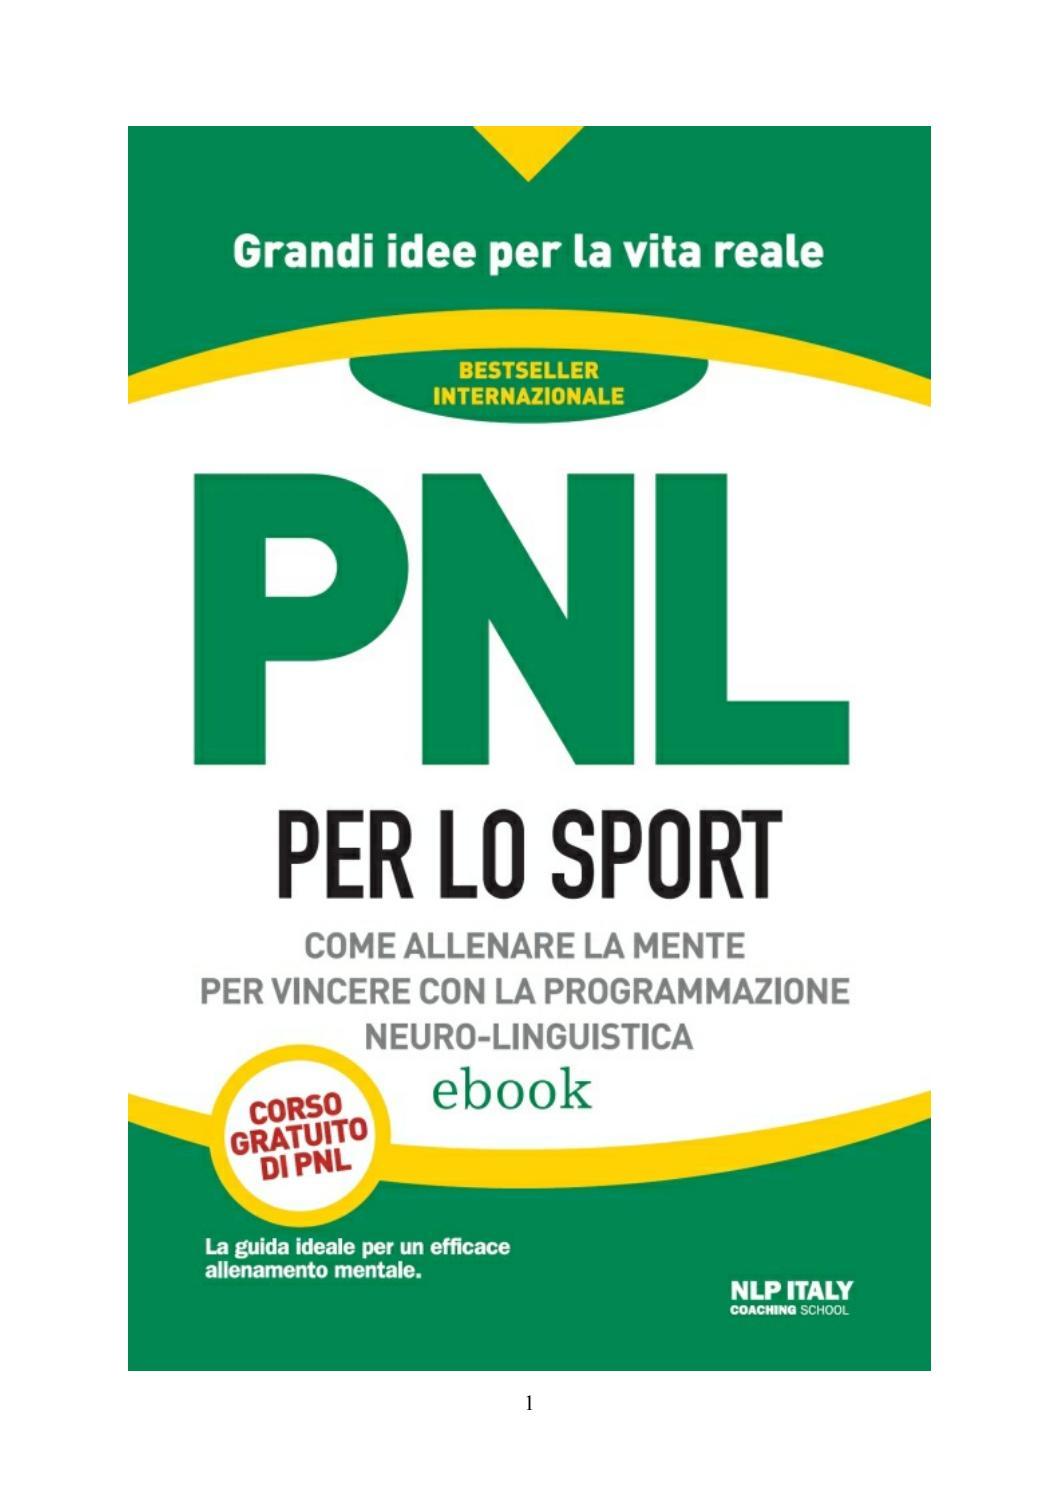 Pnl per lo sport by mchiappa - issuu 4542d5bac82d